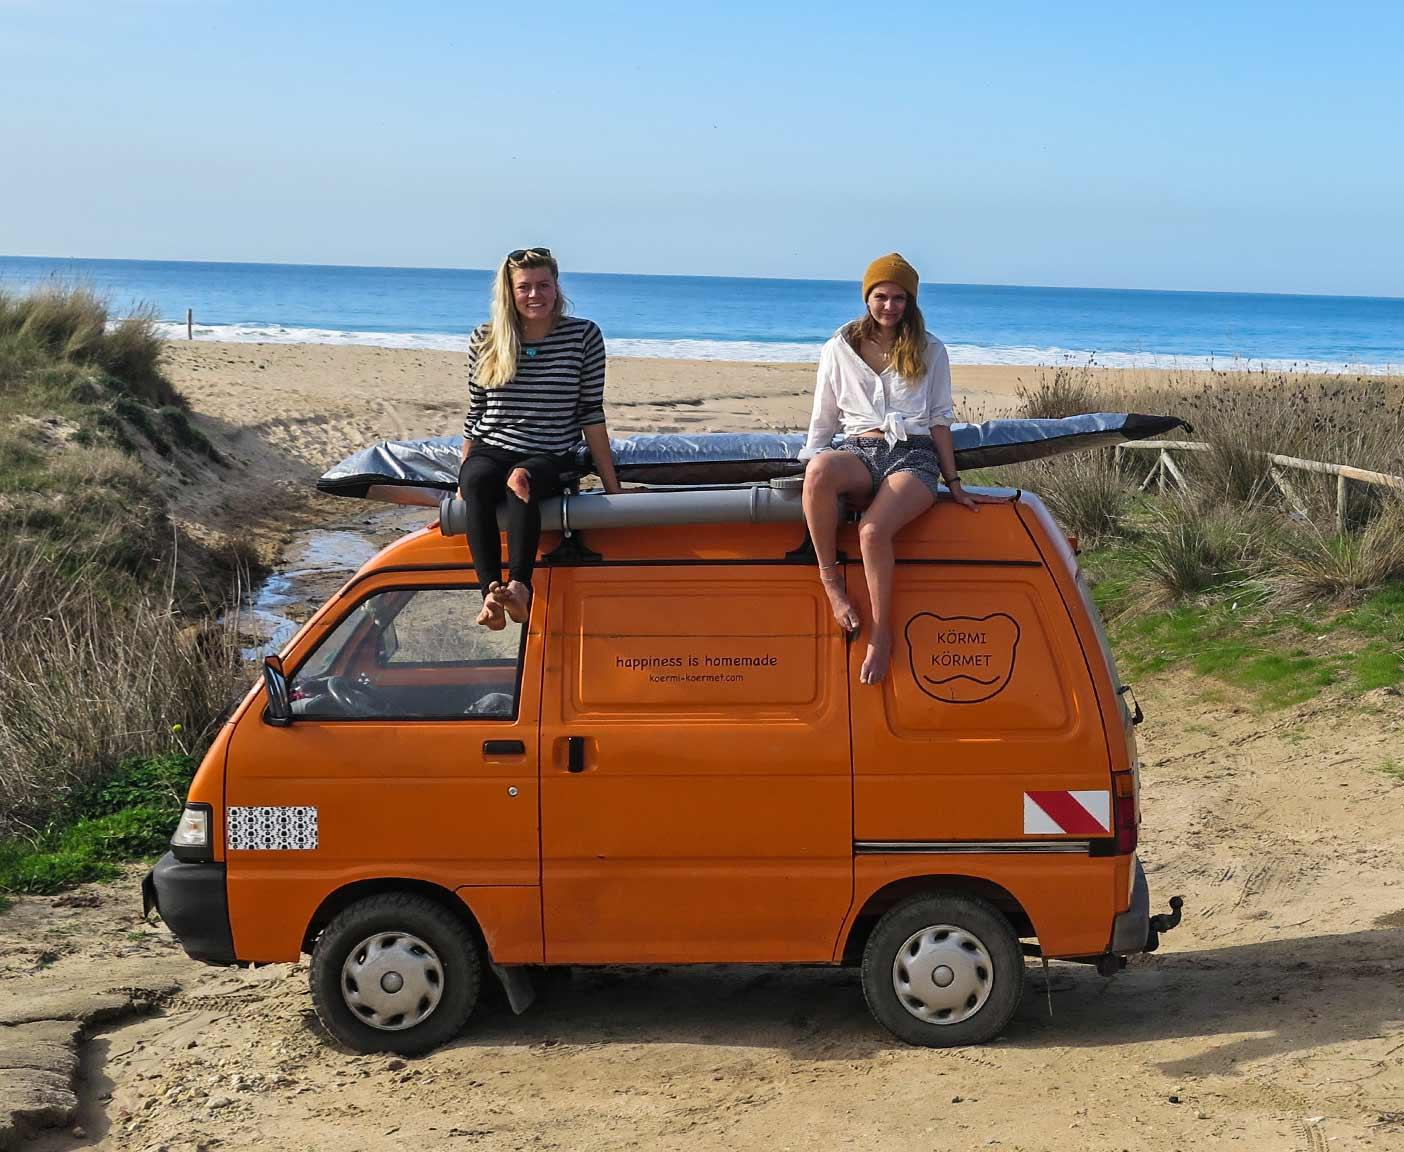 piaggio porter-minicamper-minivan-camper-mini-wohnmobil-kleiner-selbstausbau-18